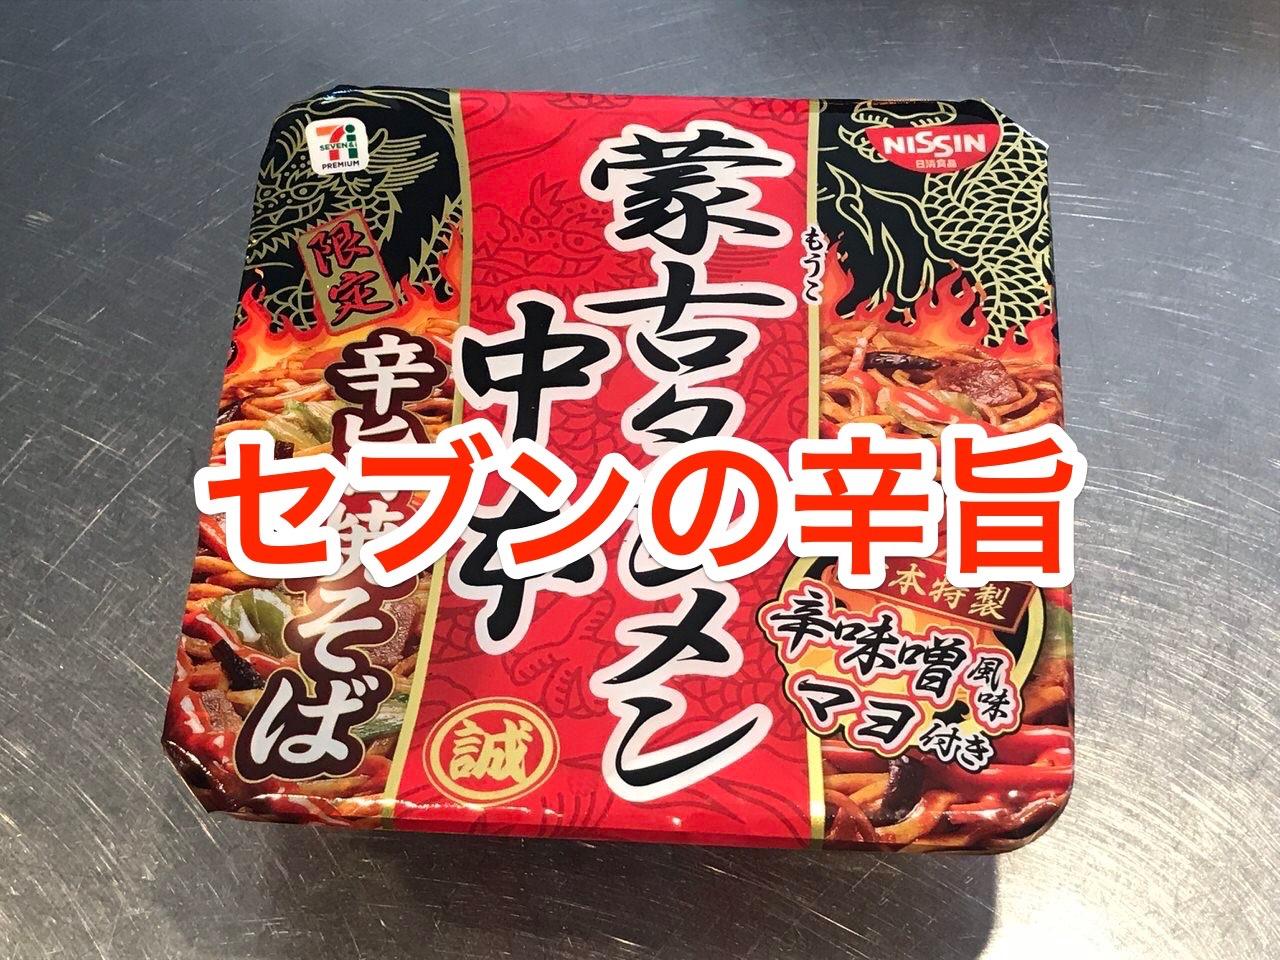 【セブンイレブン】「蒙古タンメン中本 辛旨焼そば」中本特製辛味噌風味マヨ付き